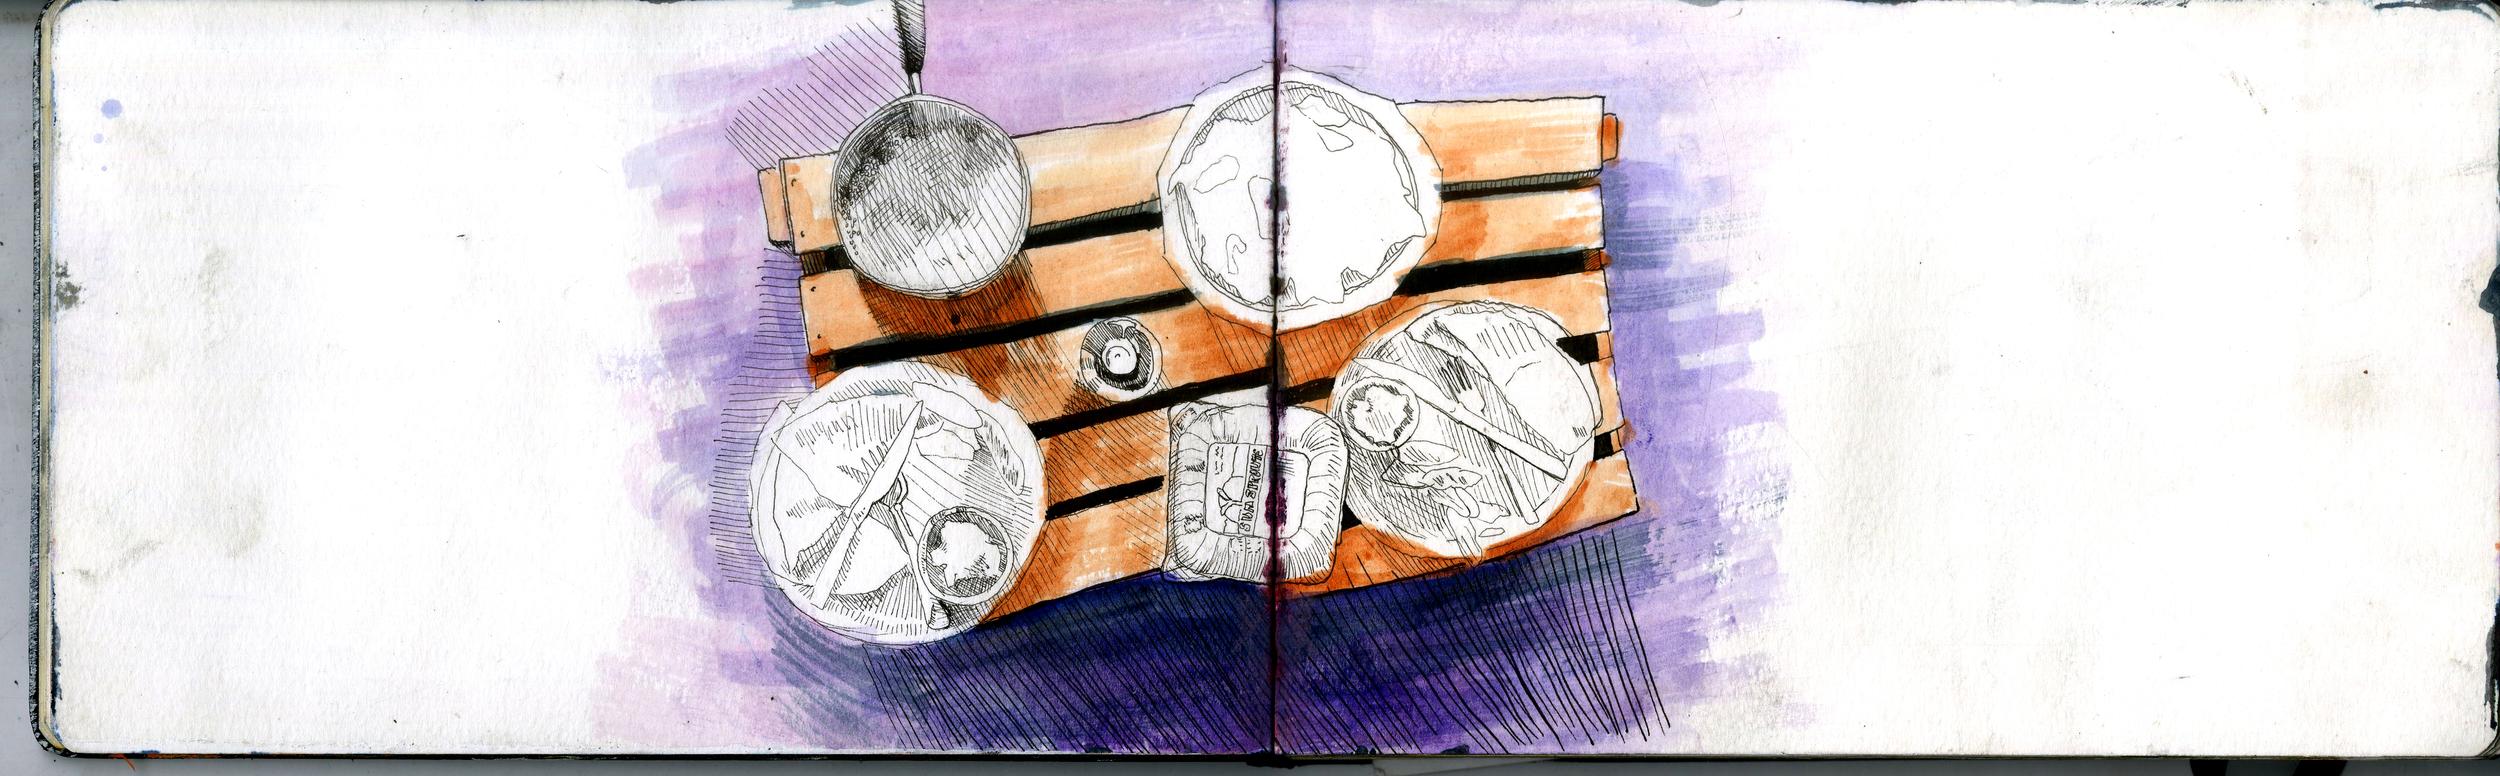 Pierce_Sarah_Sketchbook023.jpg